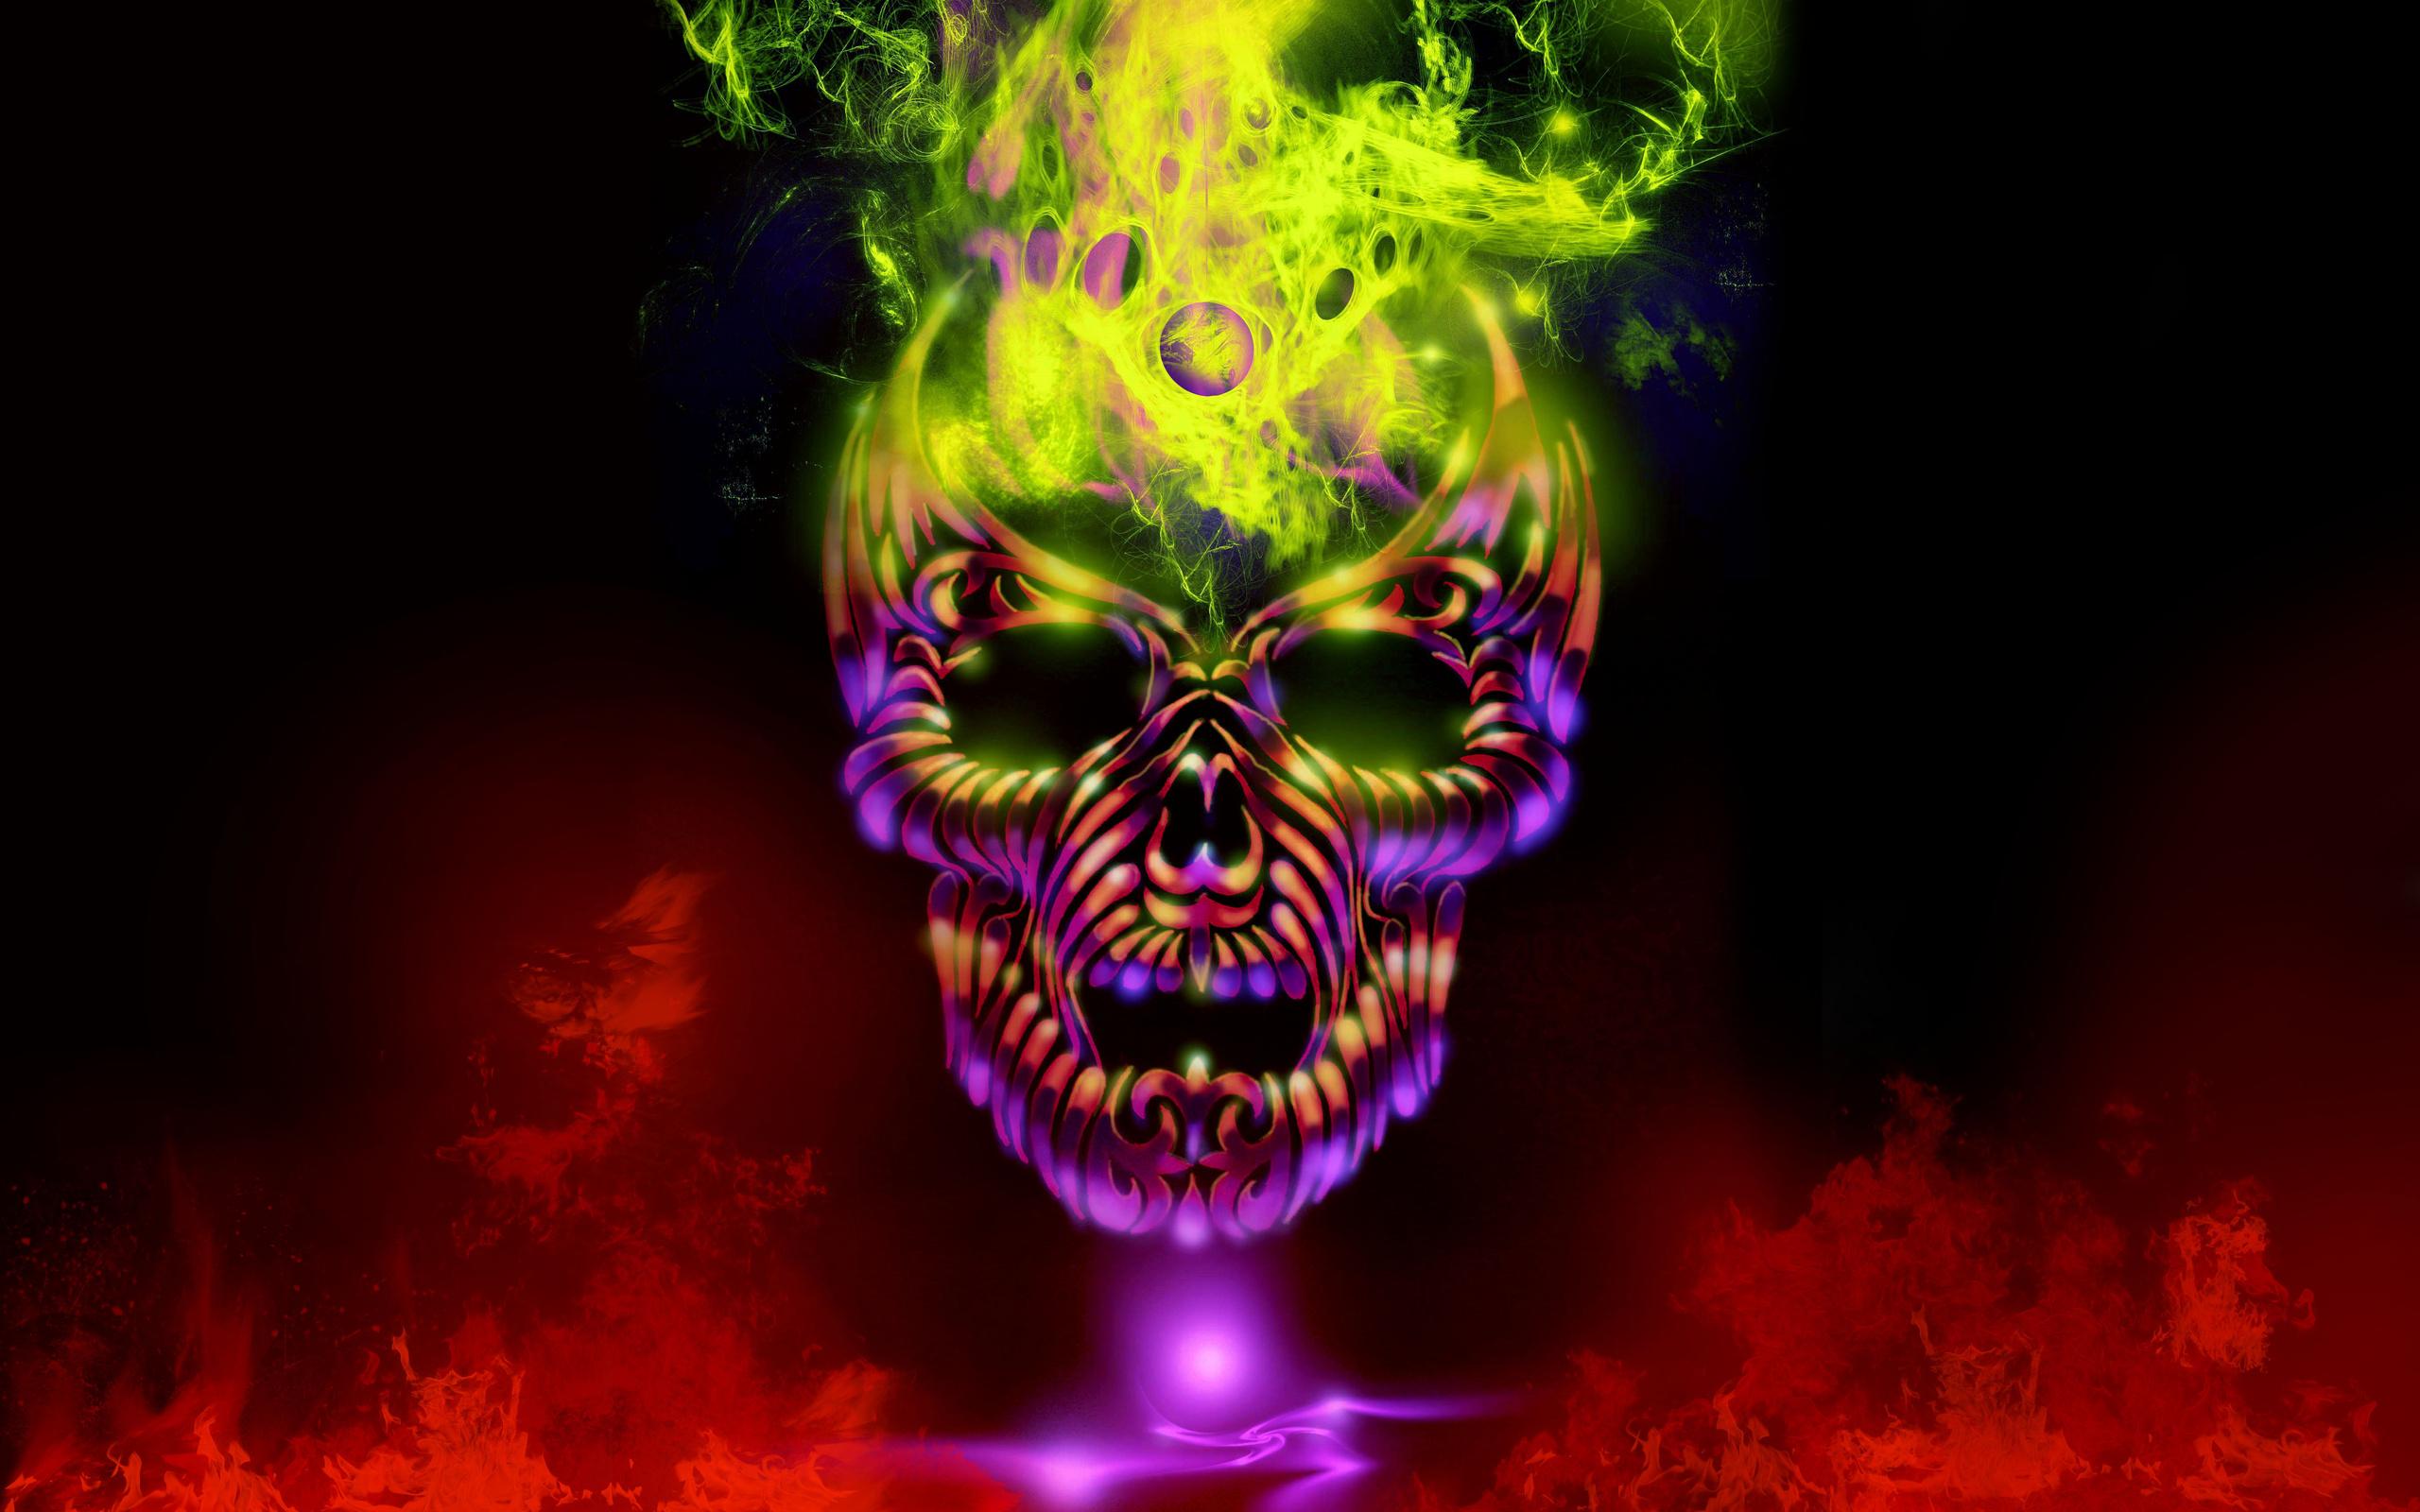 download wallpapers 2560x1600 skulls - photo #25